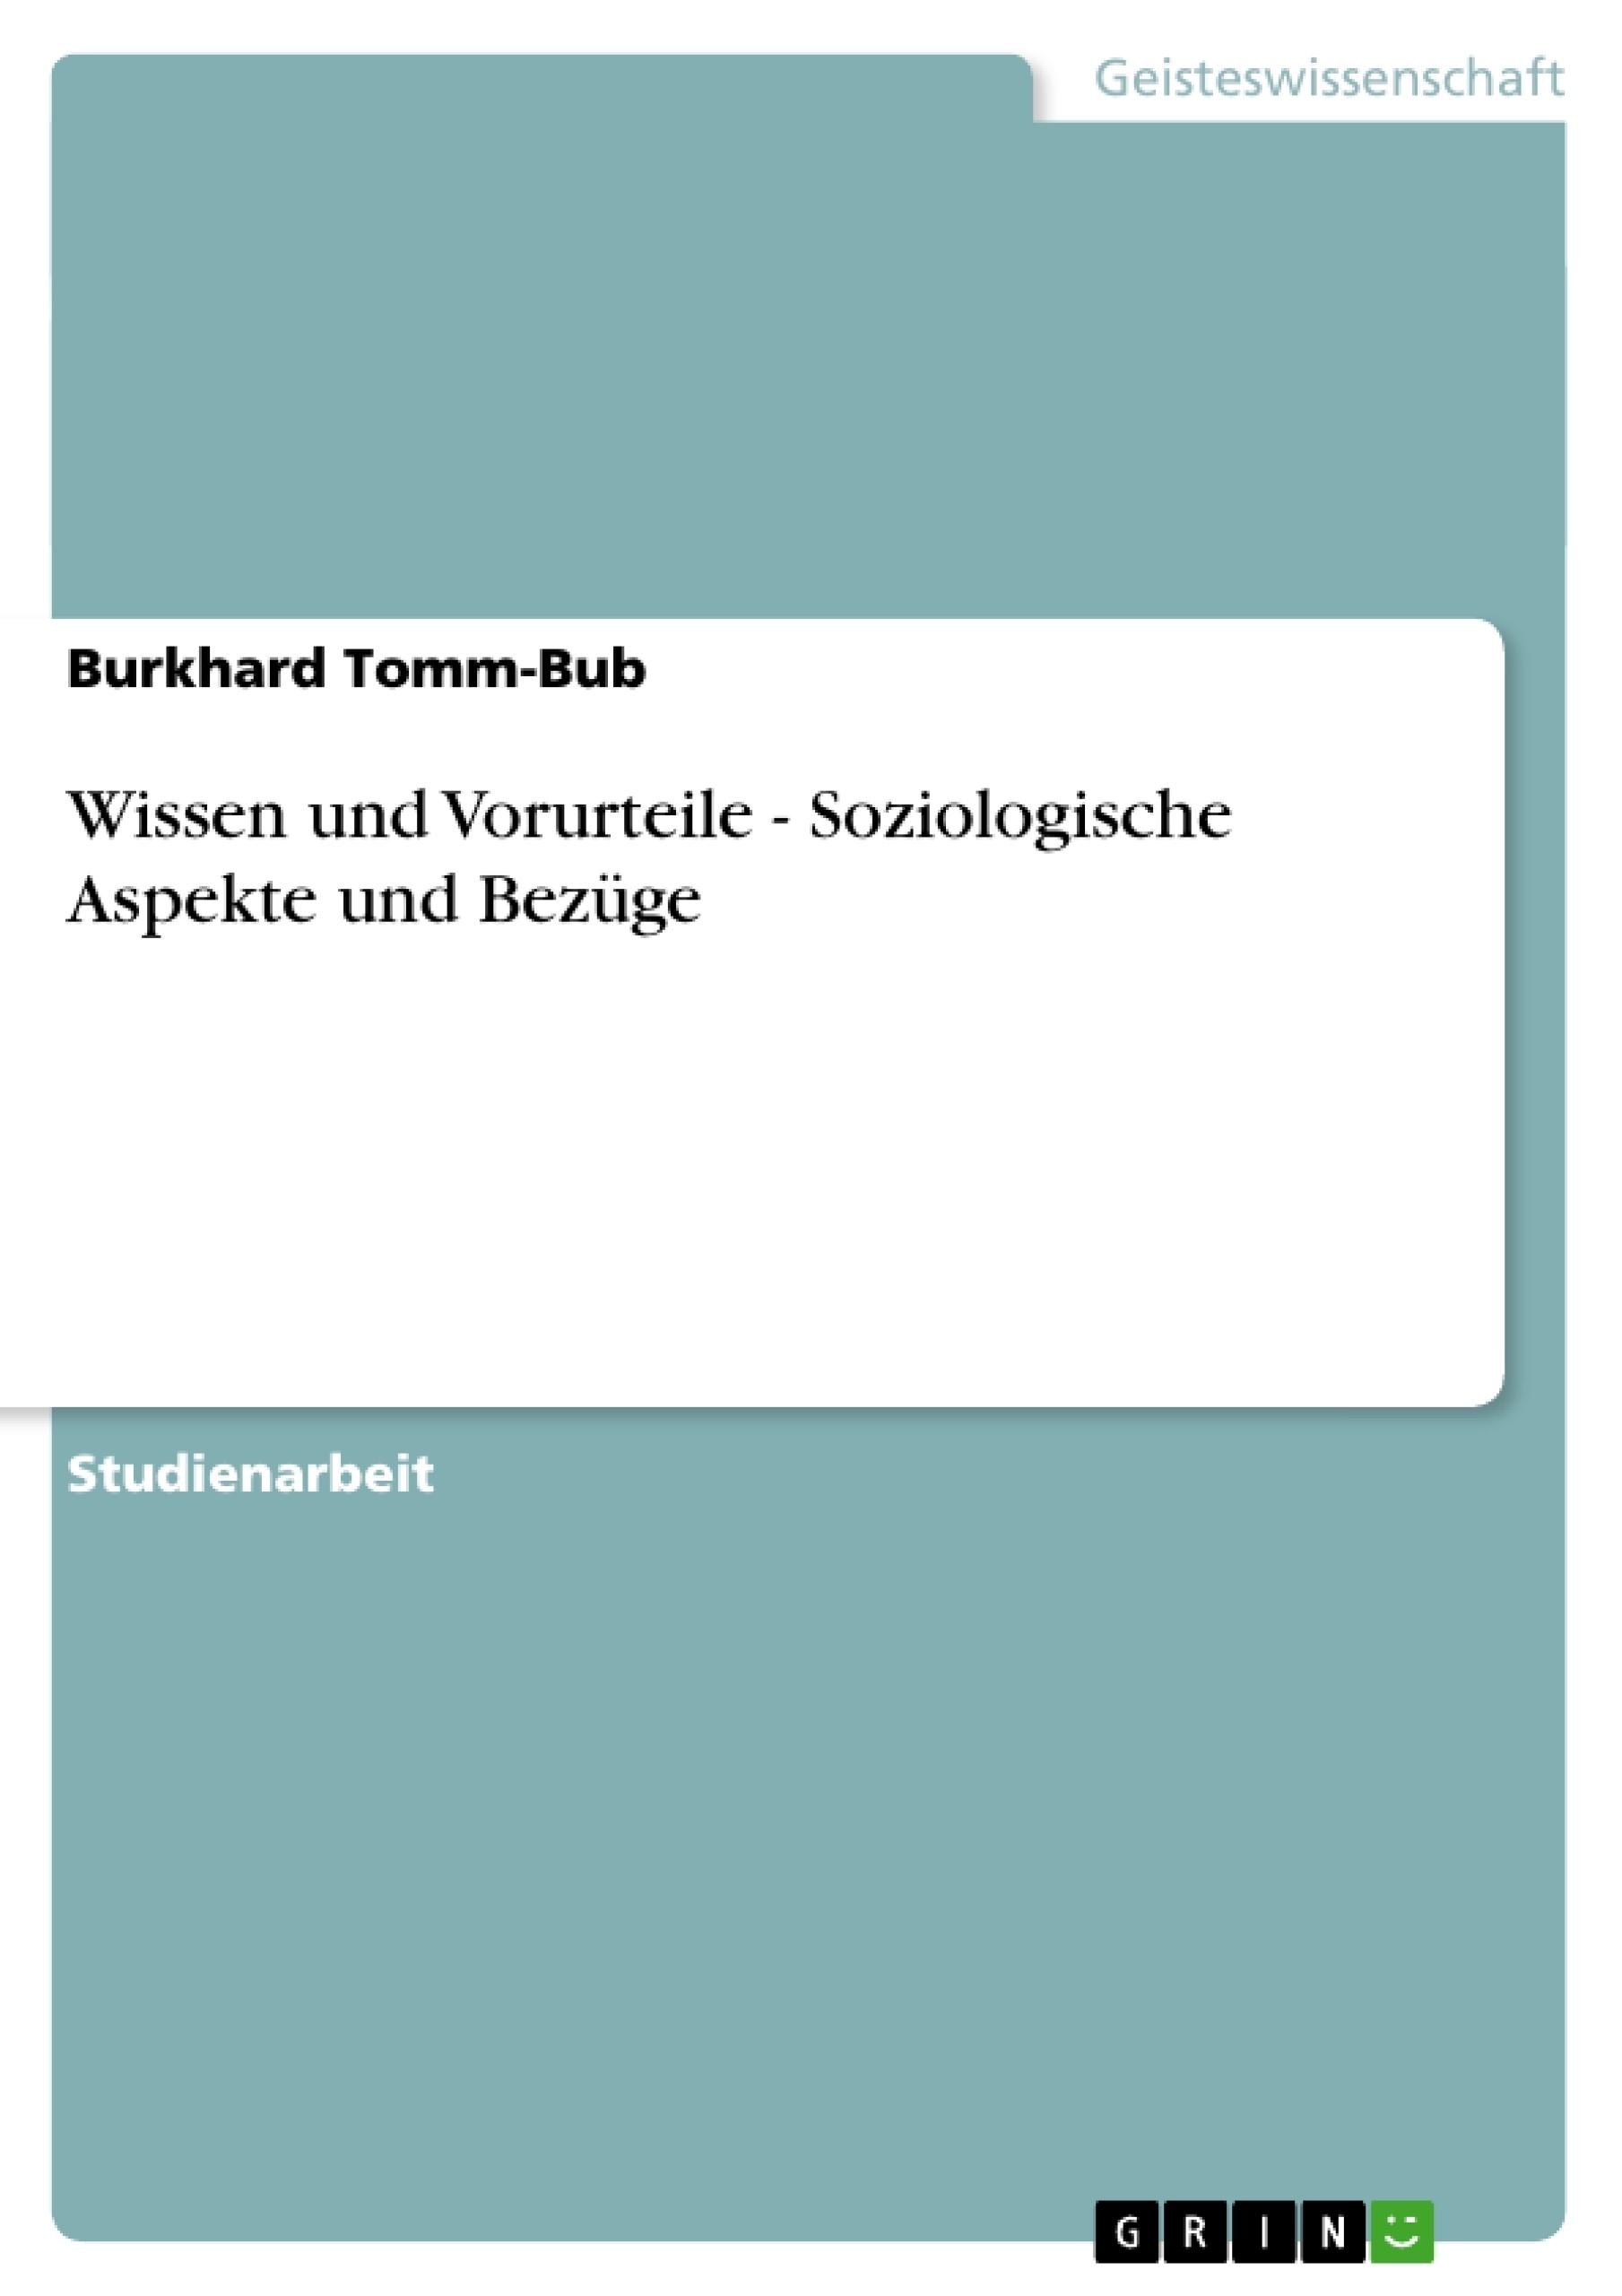 Titel: Wissen und Vorurteile - Soziologische Aspekte und Bezüge